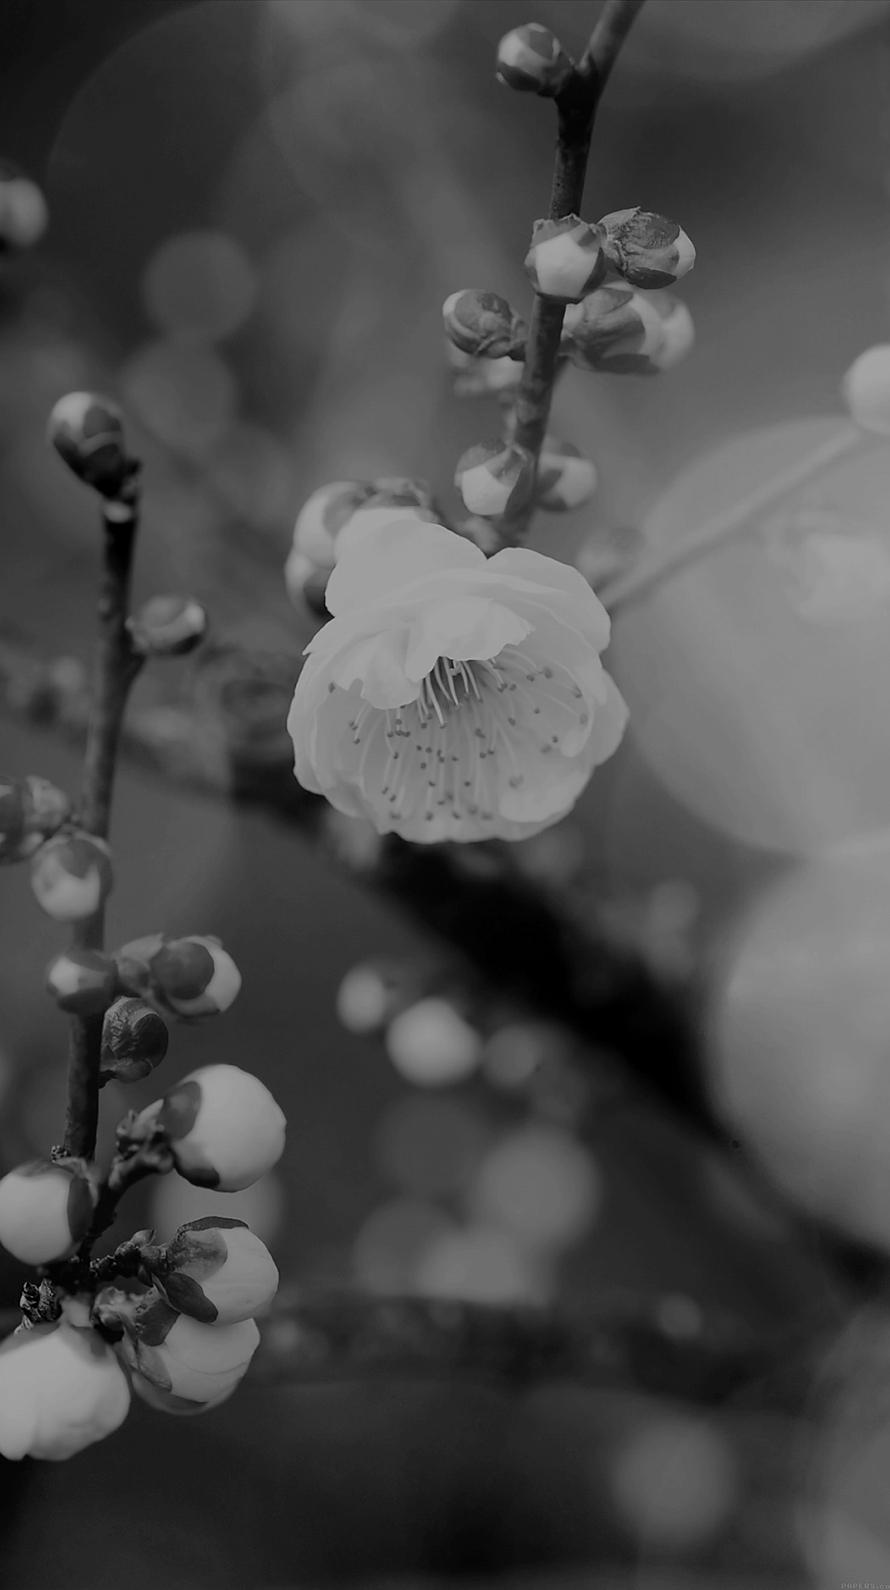 アップルの花 モノクロ Iphone6壁紙 Wallpaperbox